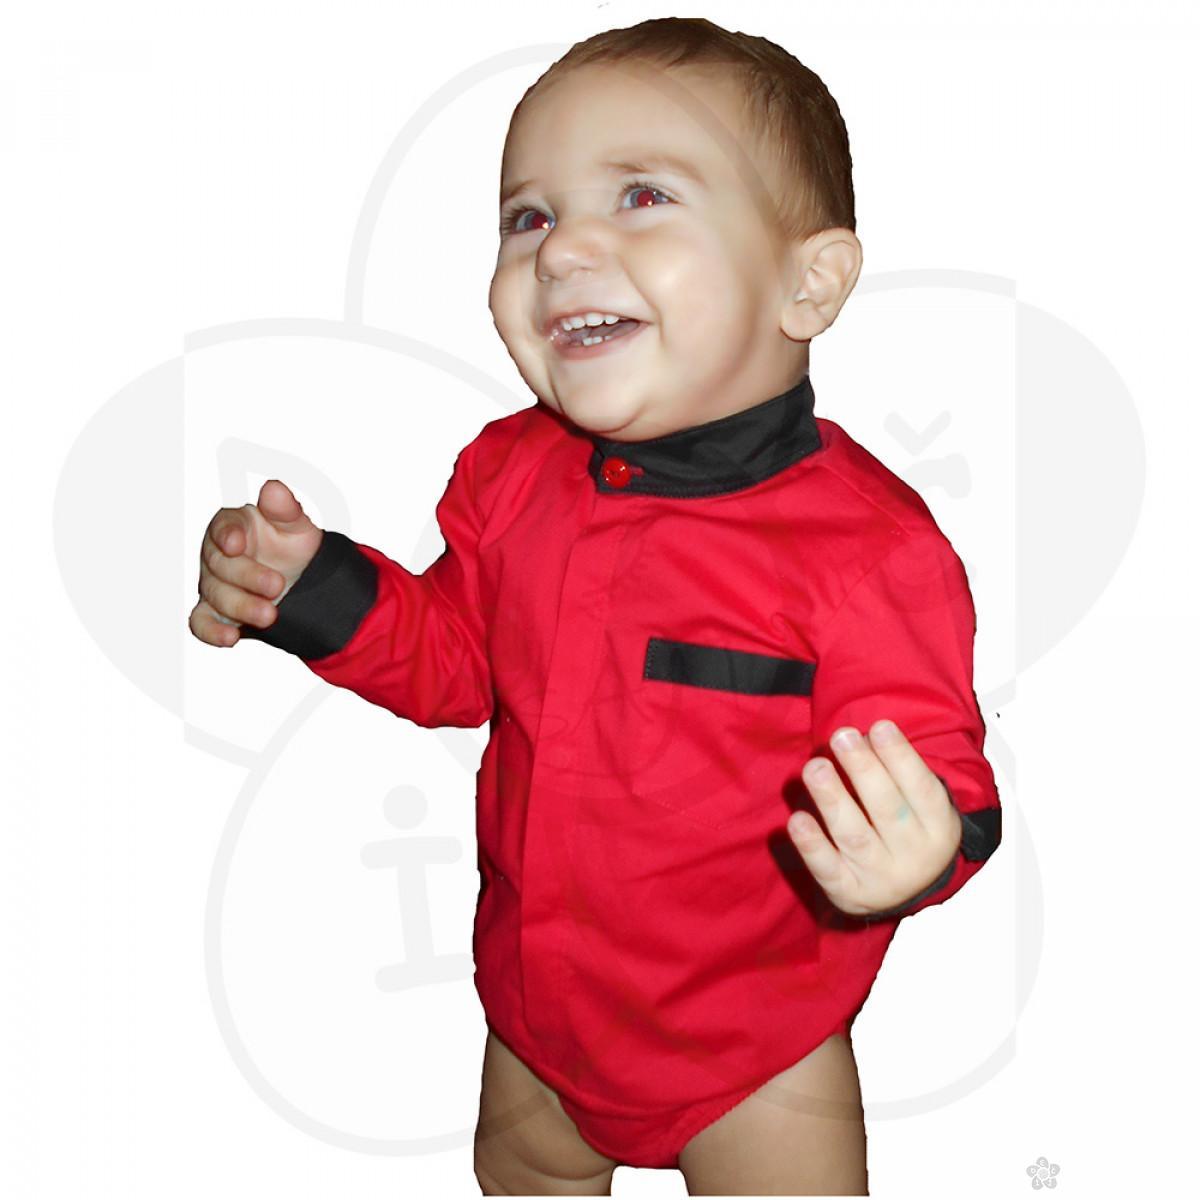 Crvena košulja, Kole